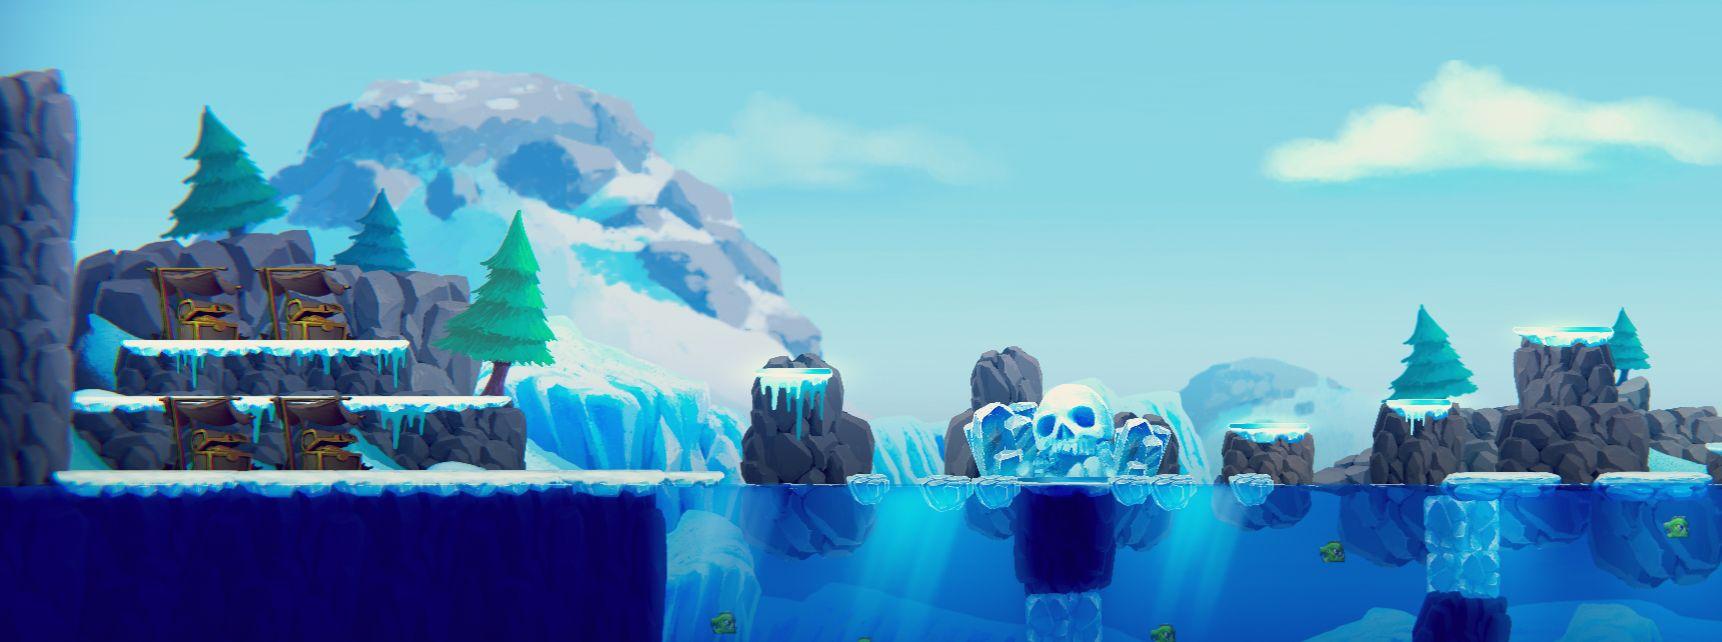 IceArt.jpg